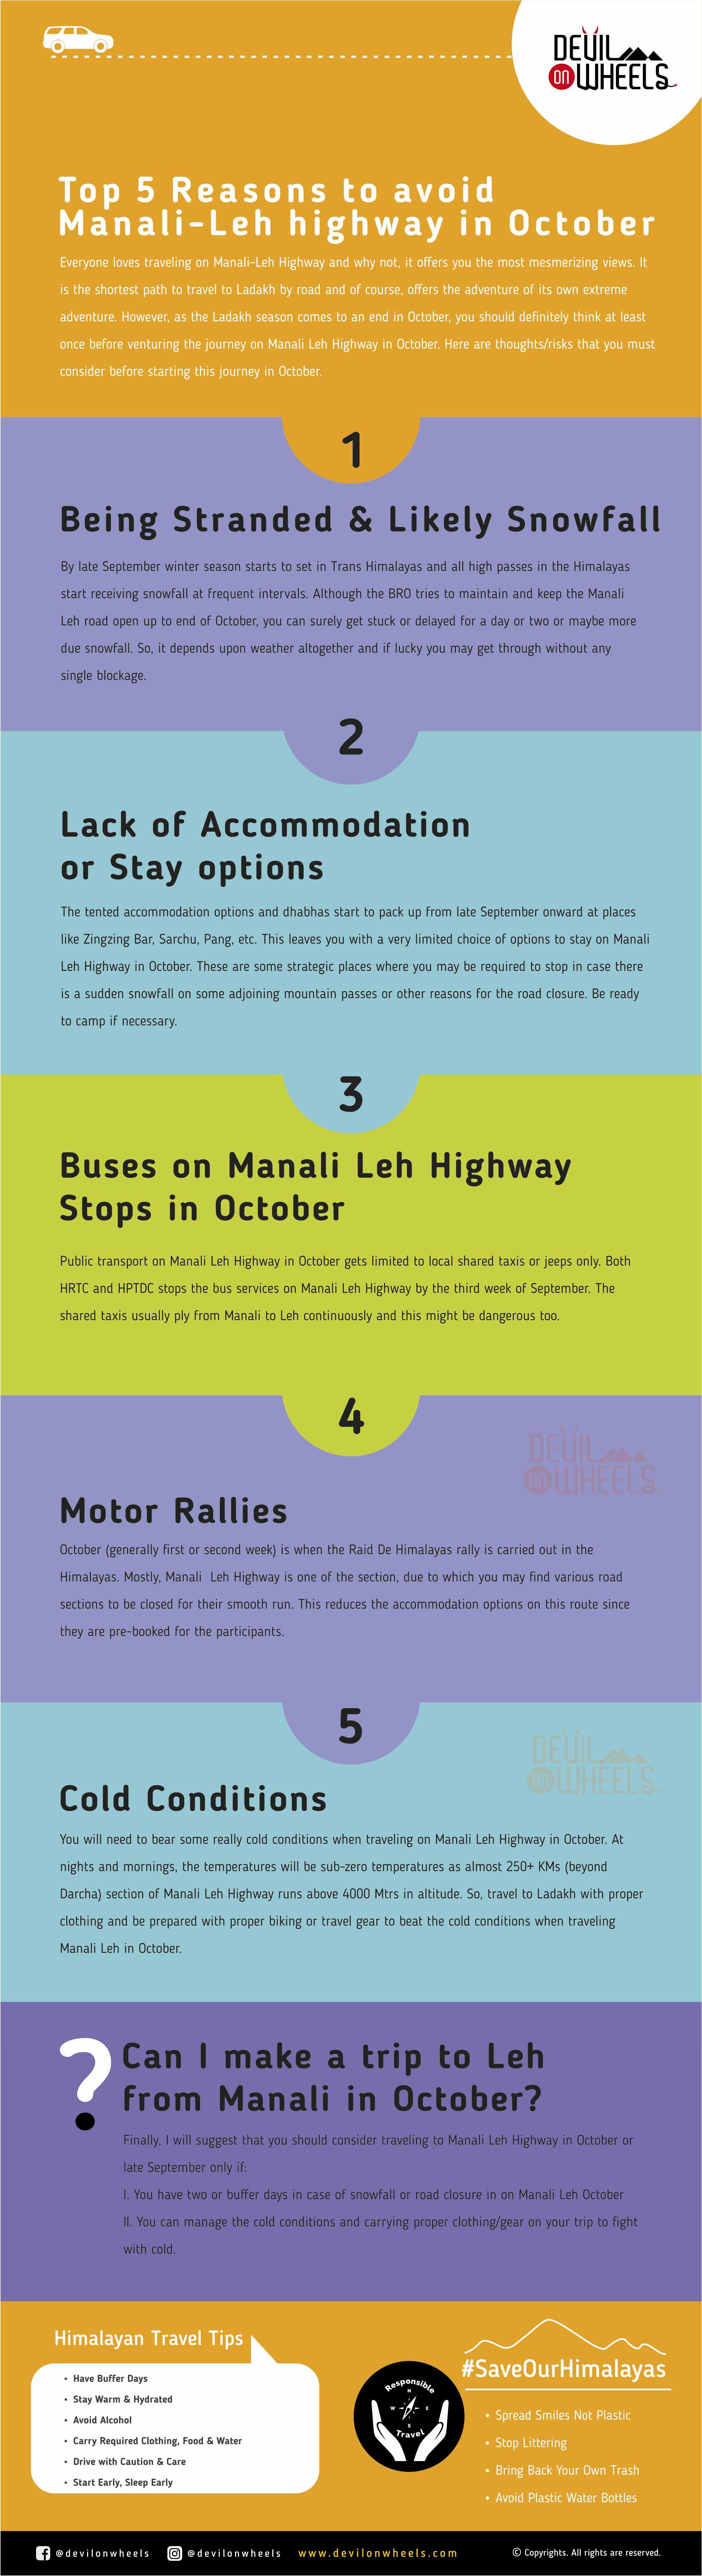 Reasons to avoid Manali Leh Highway in October